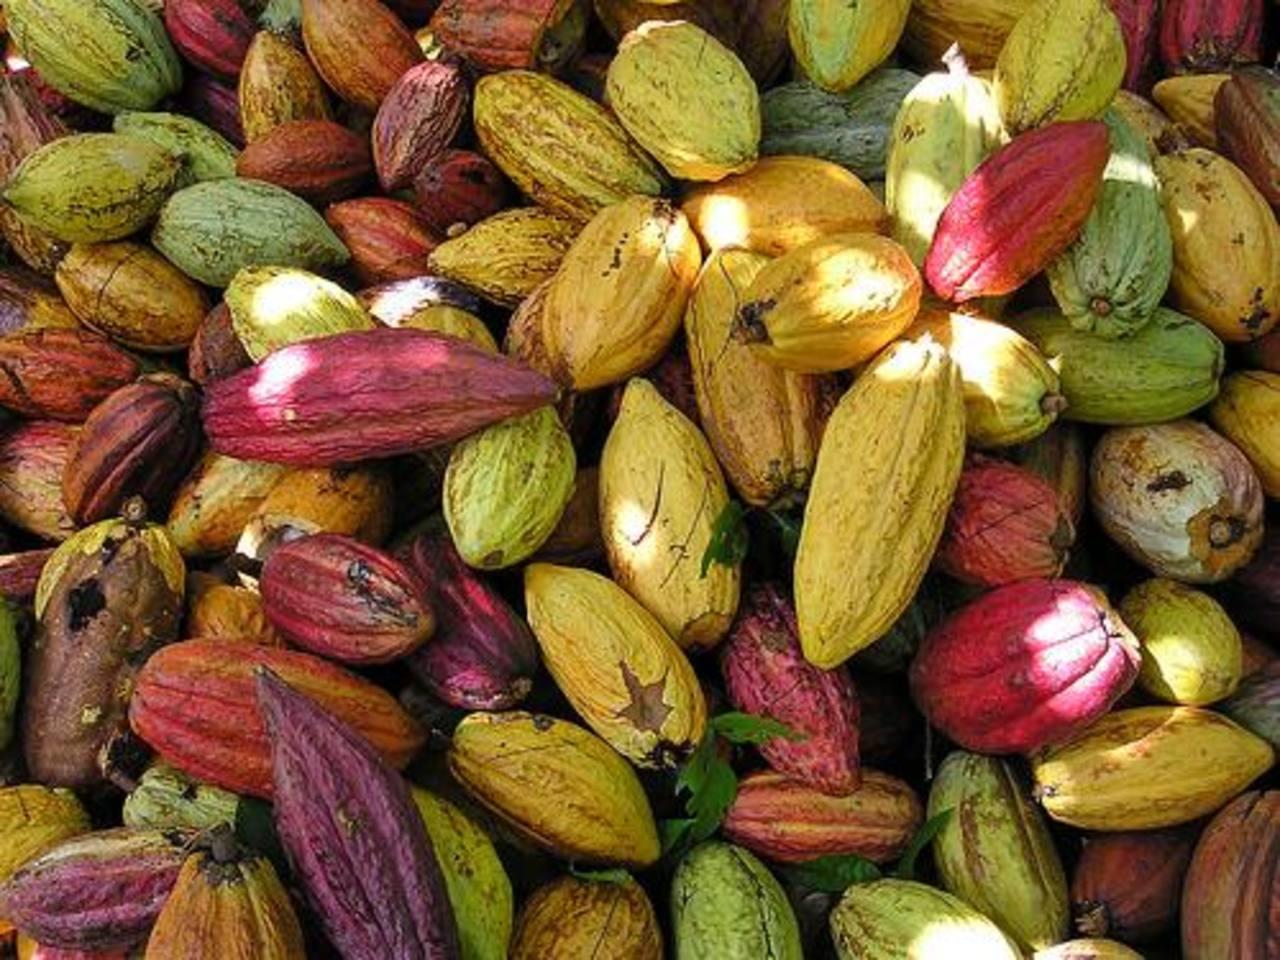 R. Dominicana busca duplicar exportaciones de cacao